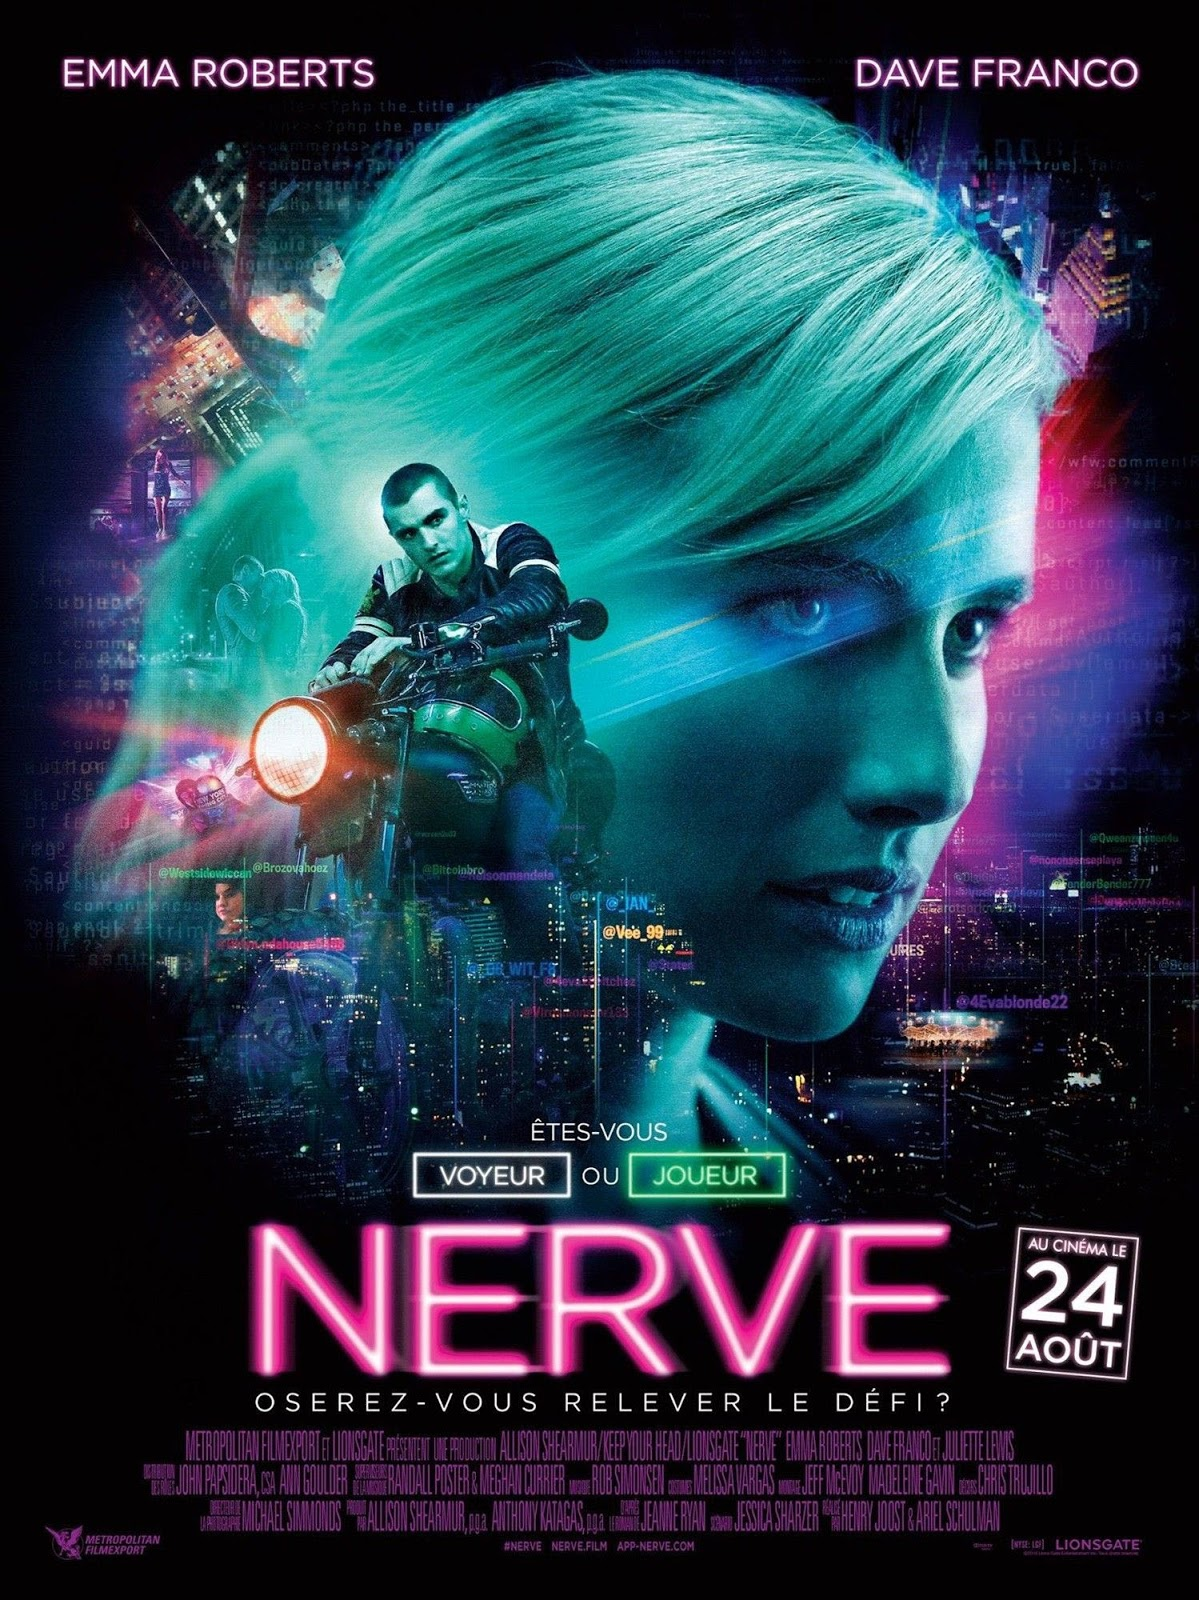 [ภาพ MASTER ITUNES] NERVE (2016) เล่นเกม เล่นตาย [1080P]